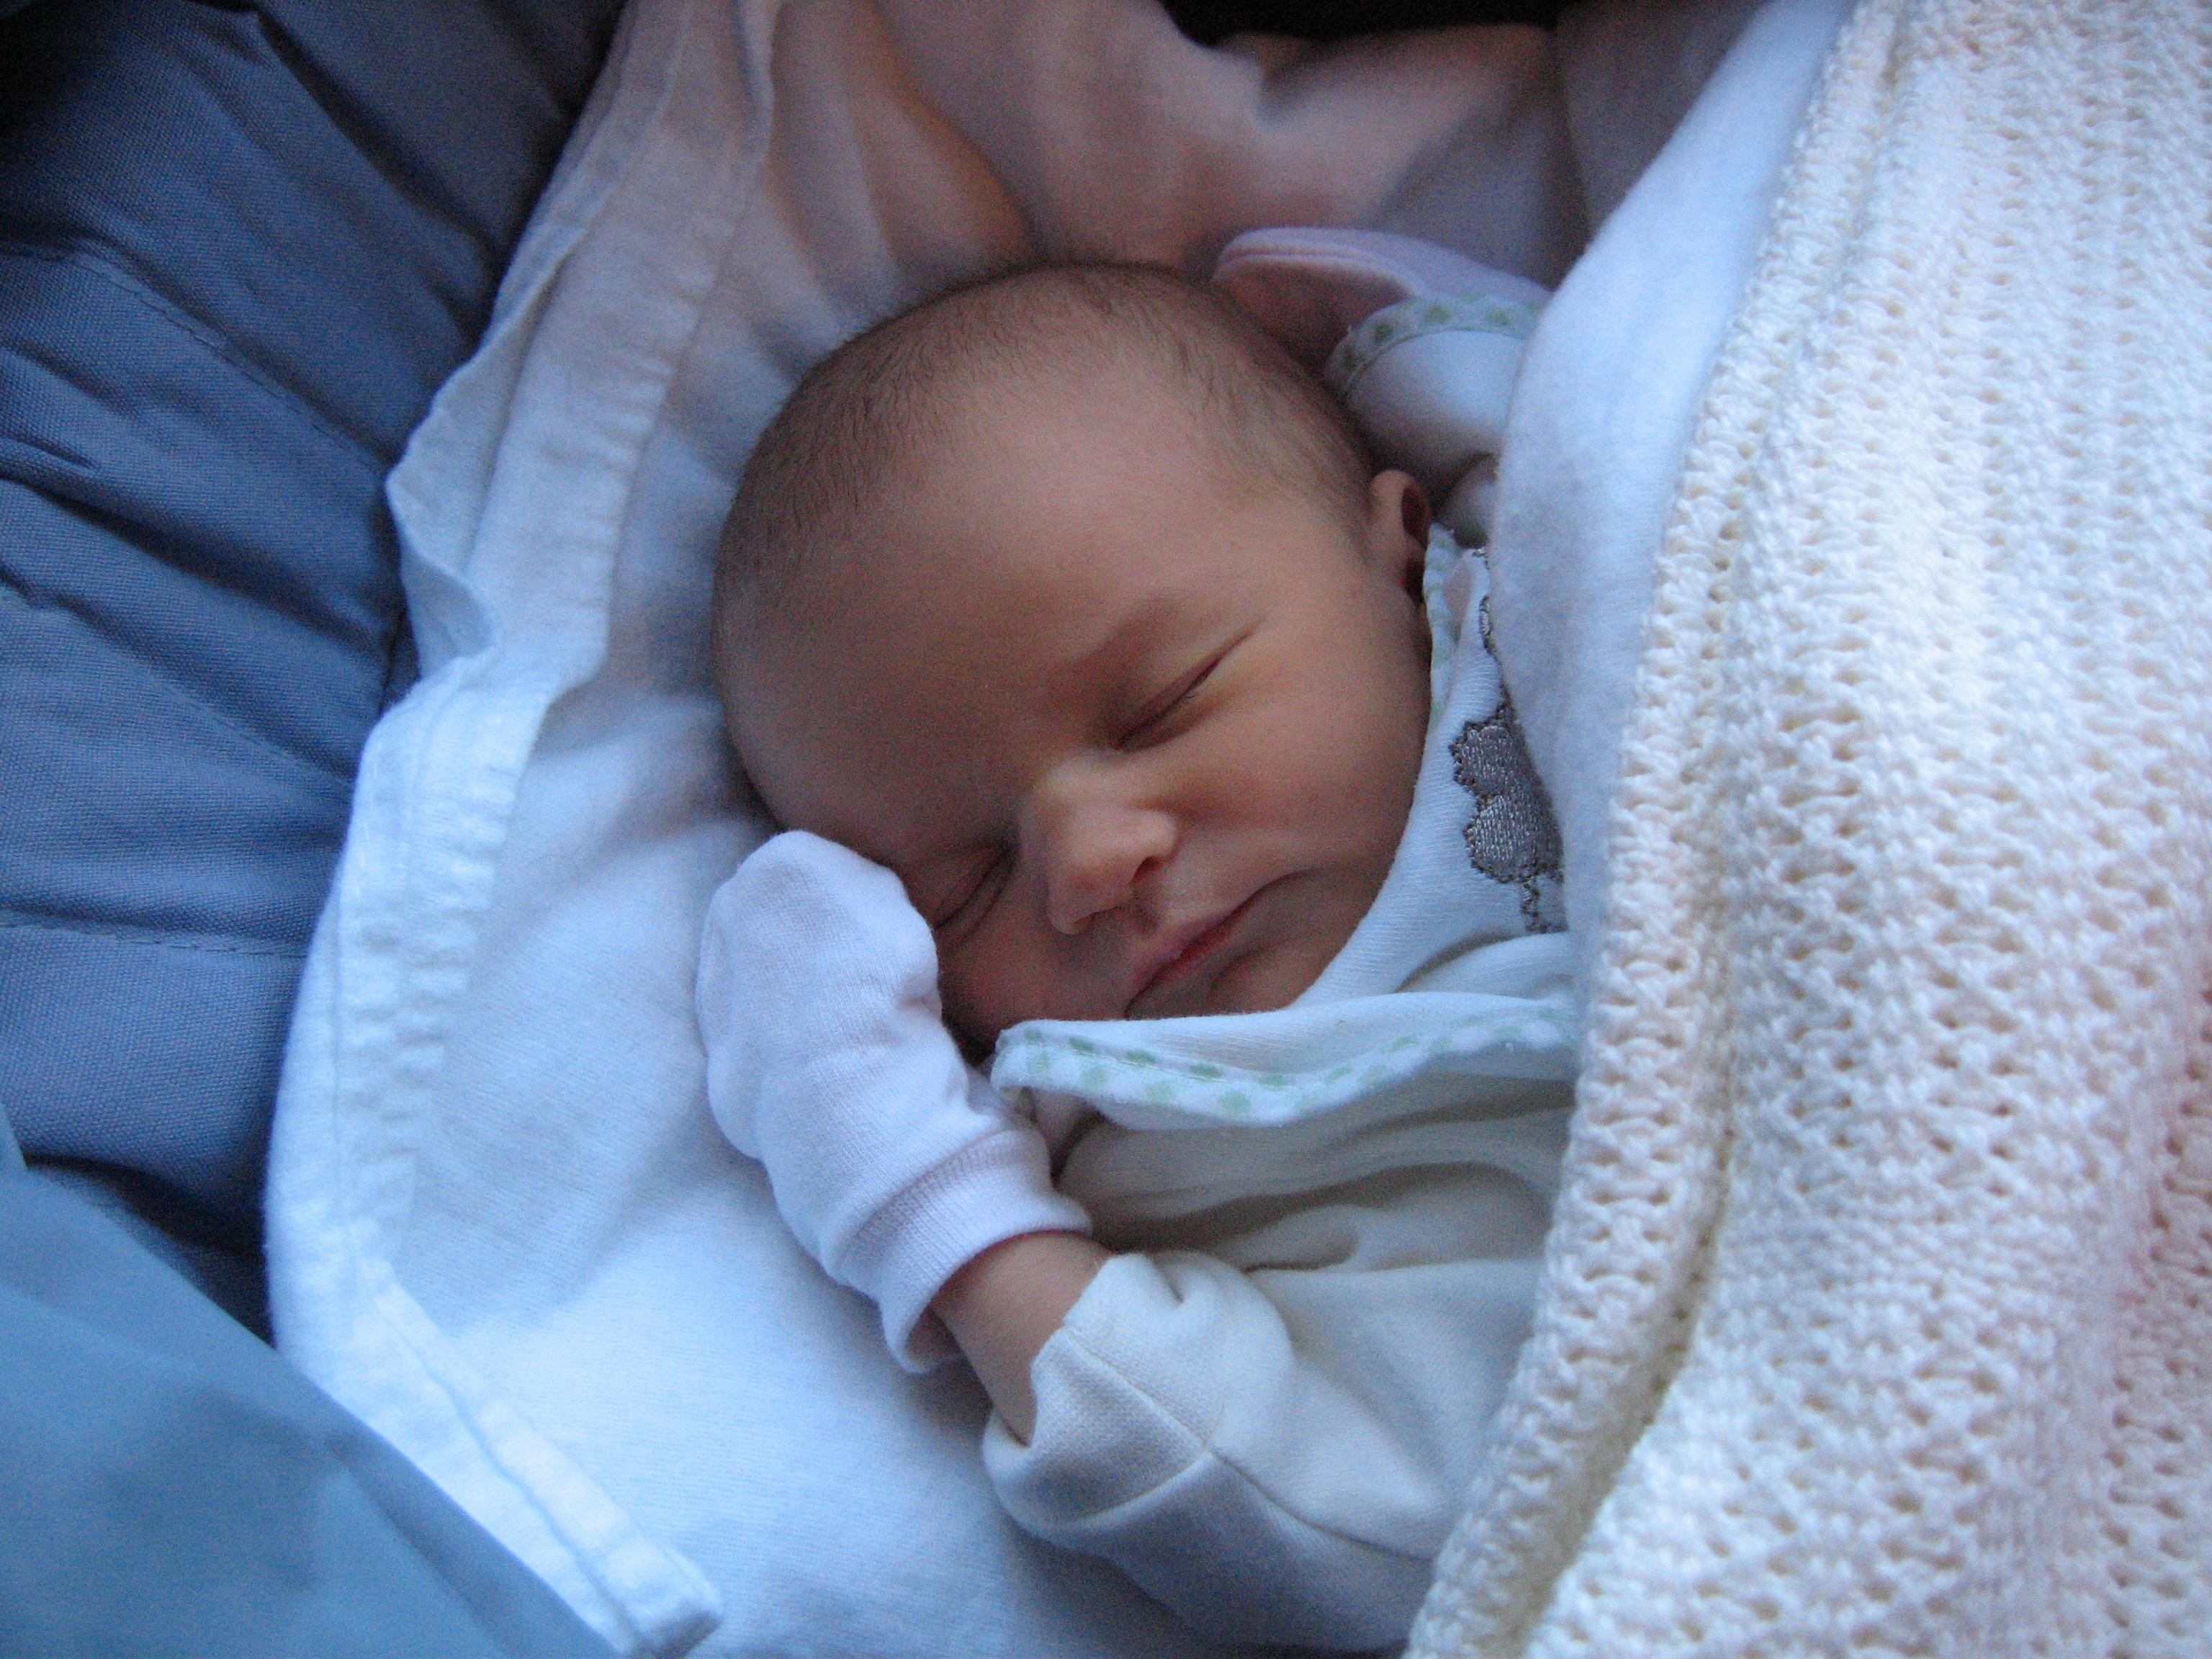 Фото рожденного ребенка девочки